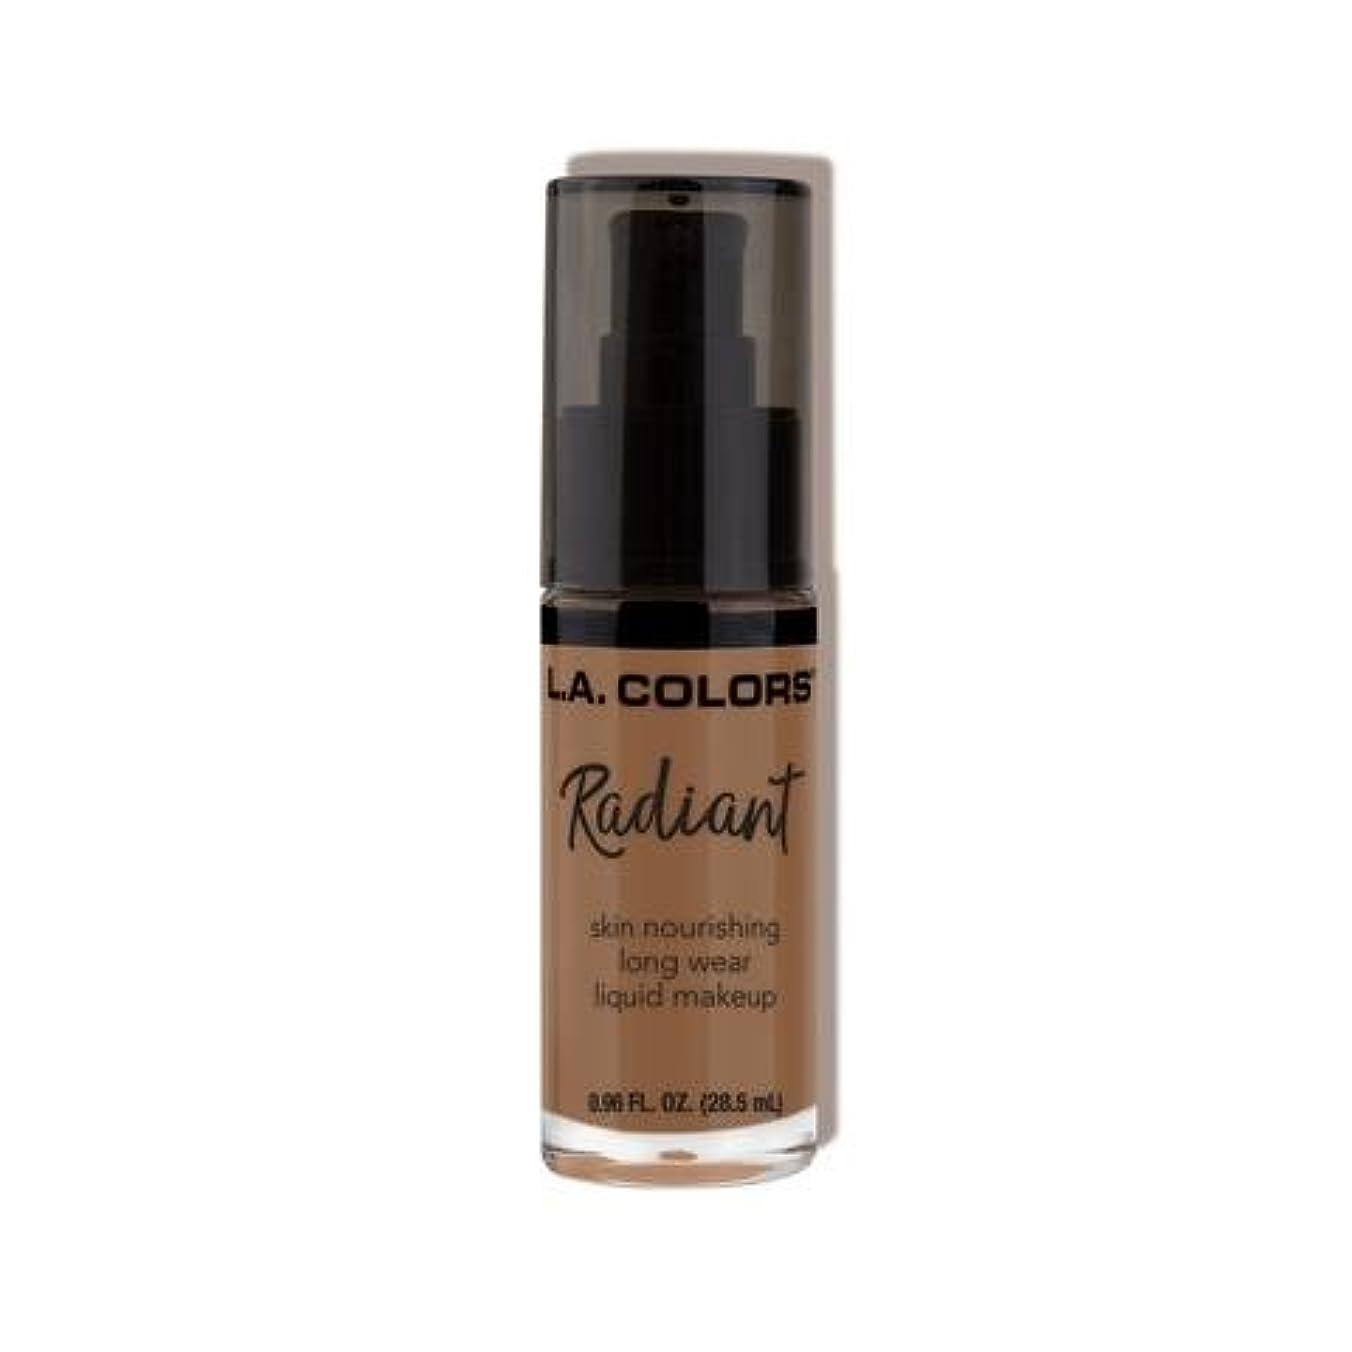 盲信操縦するシミュレートする(6 Pack) L.A. COLORS Radiant Liquid Makeup - Mocha (並行輸入品)